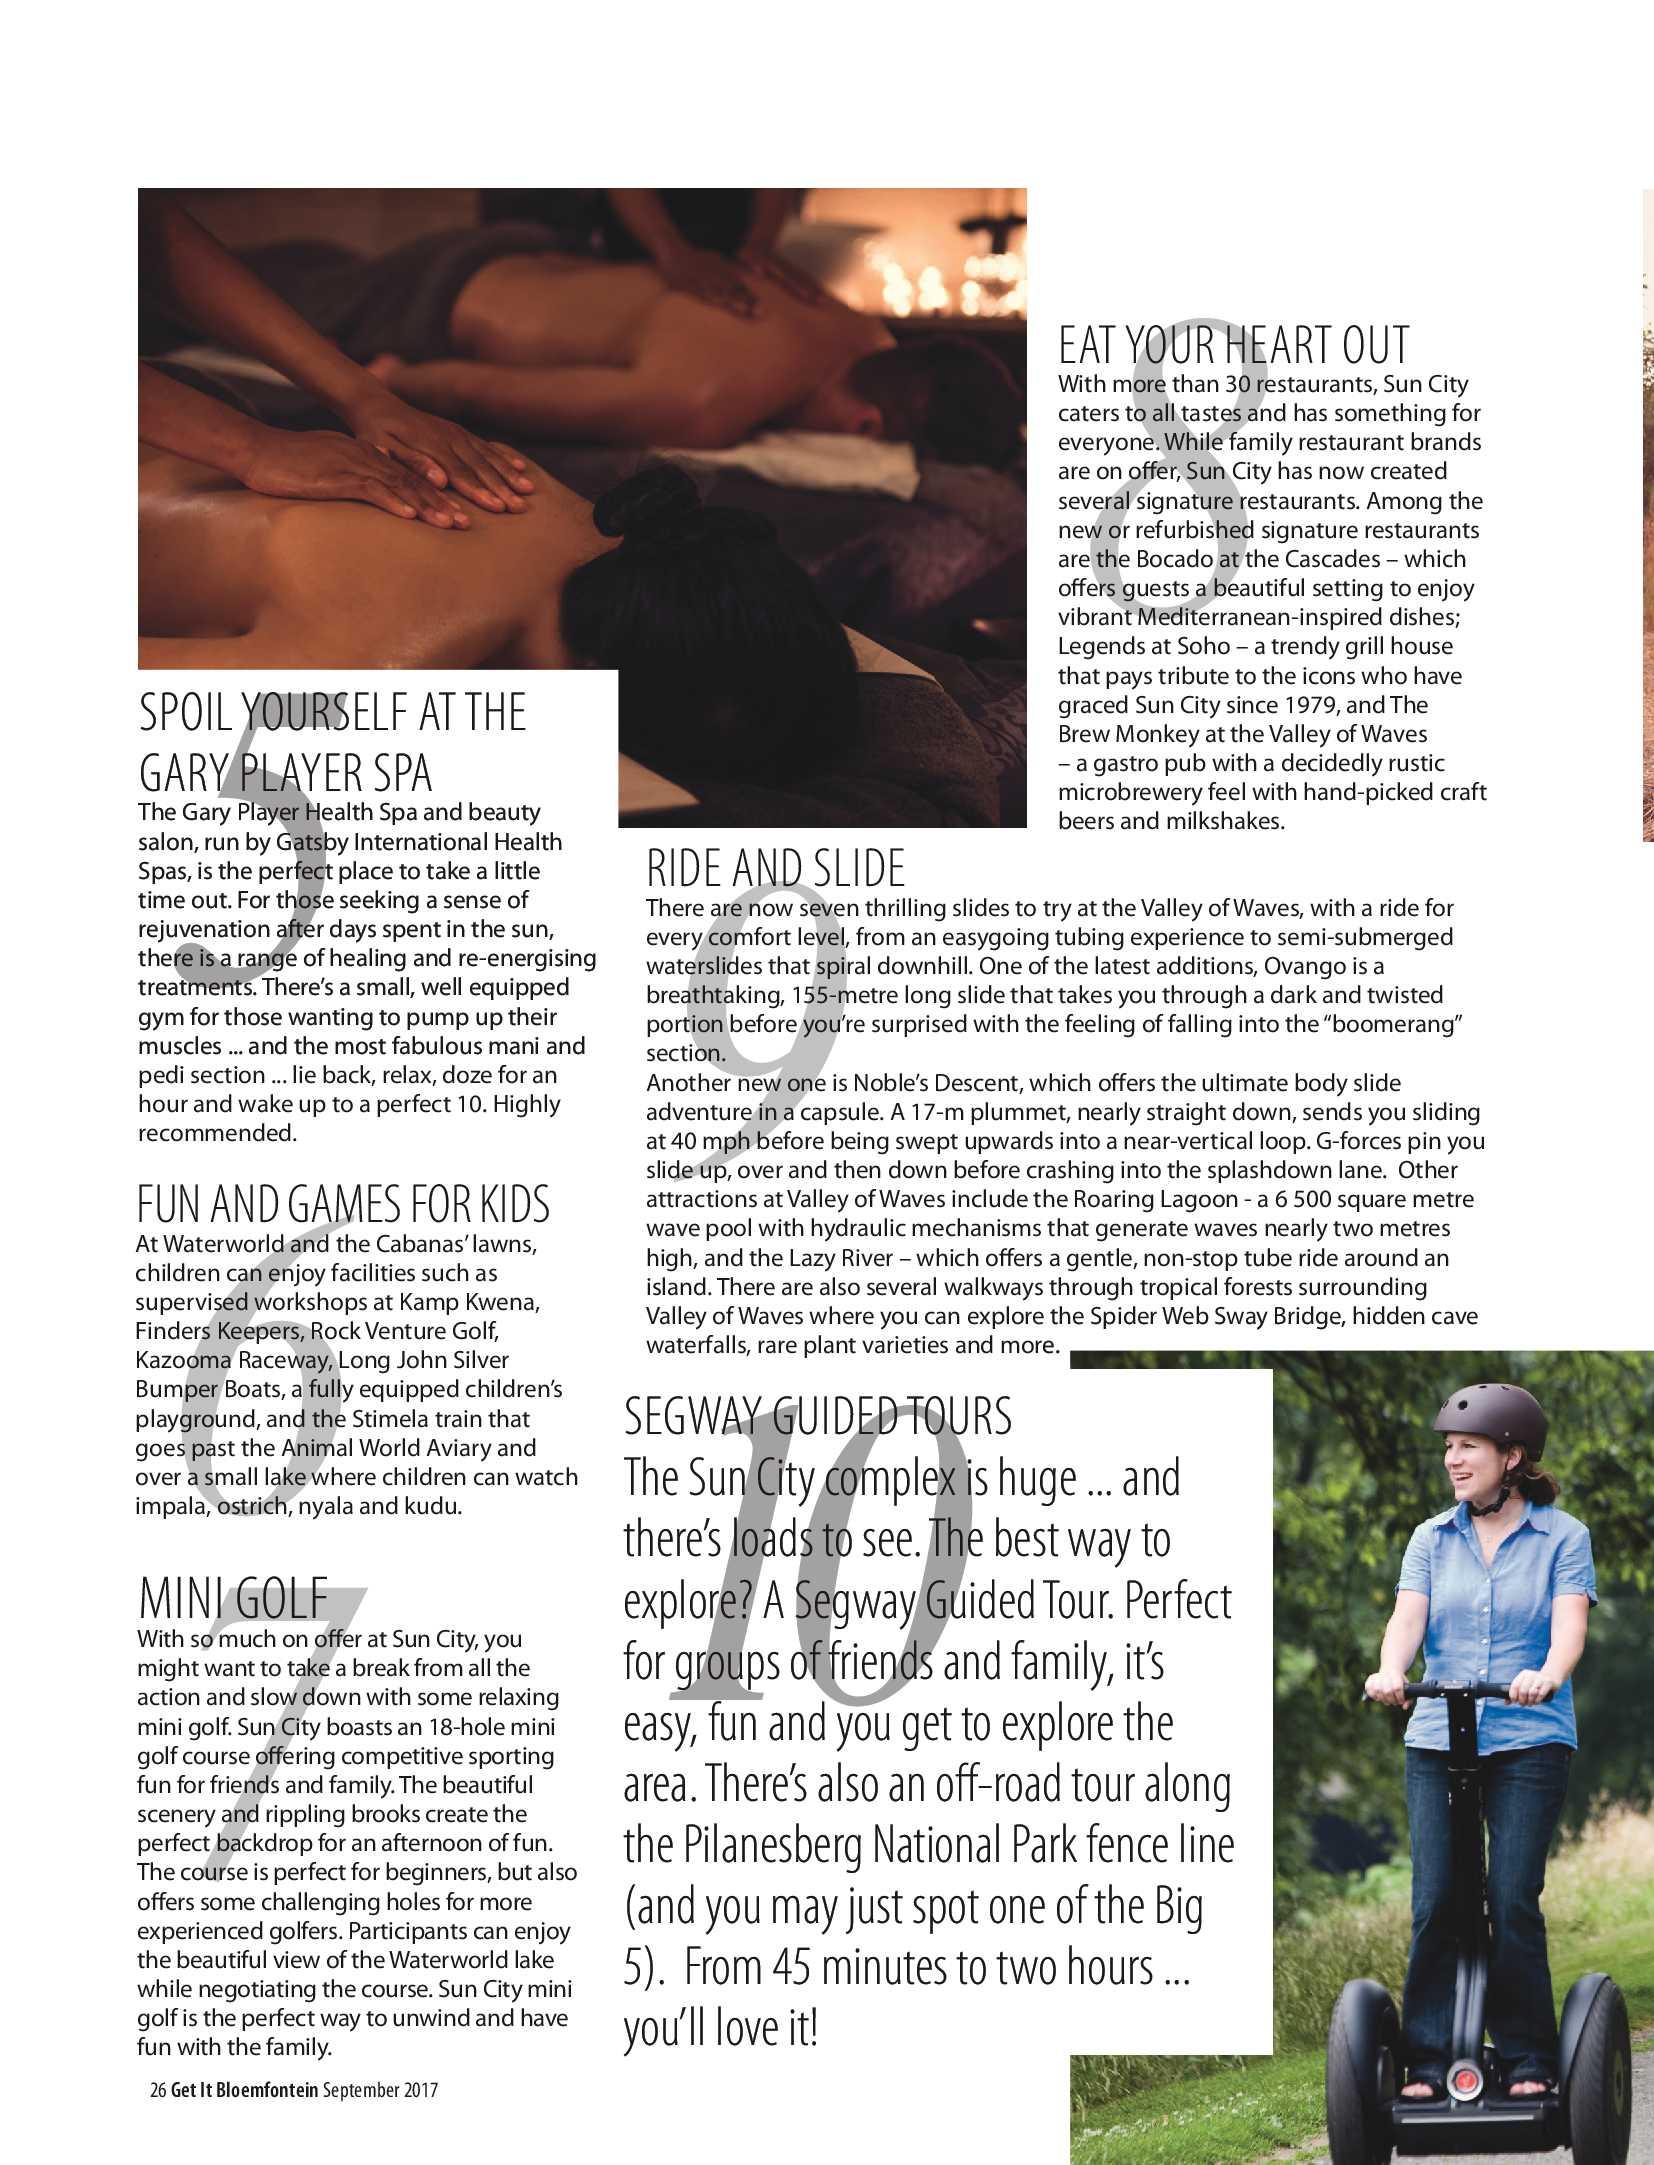 get-bloemfontein-september-2017-epapers-page-28